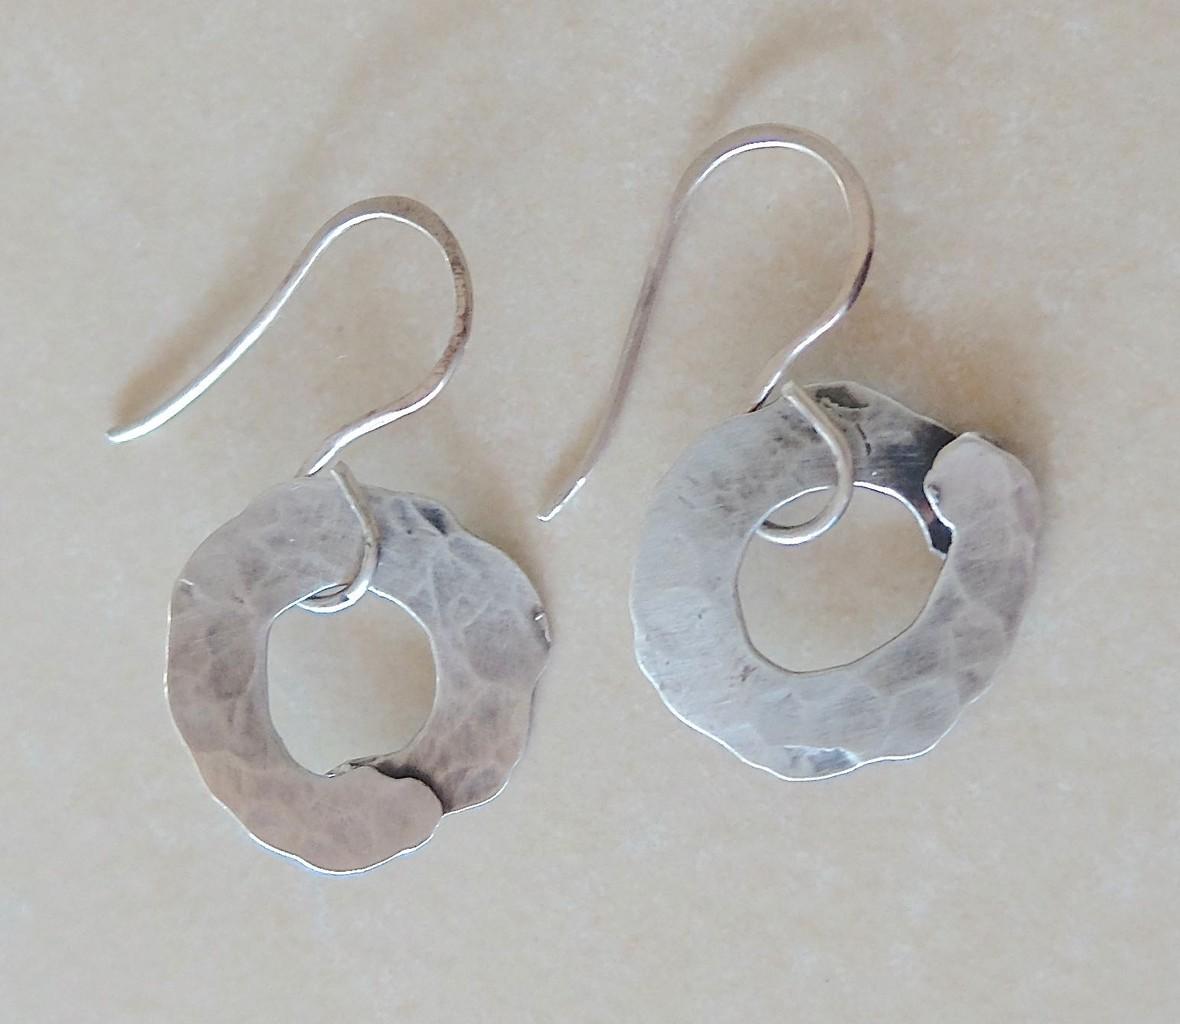 Silber/Ohrringe/Metall - Freistil-Manufaktur